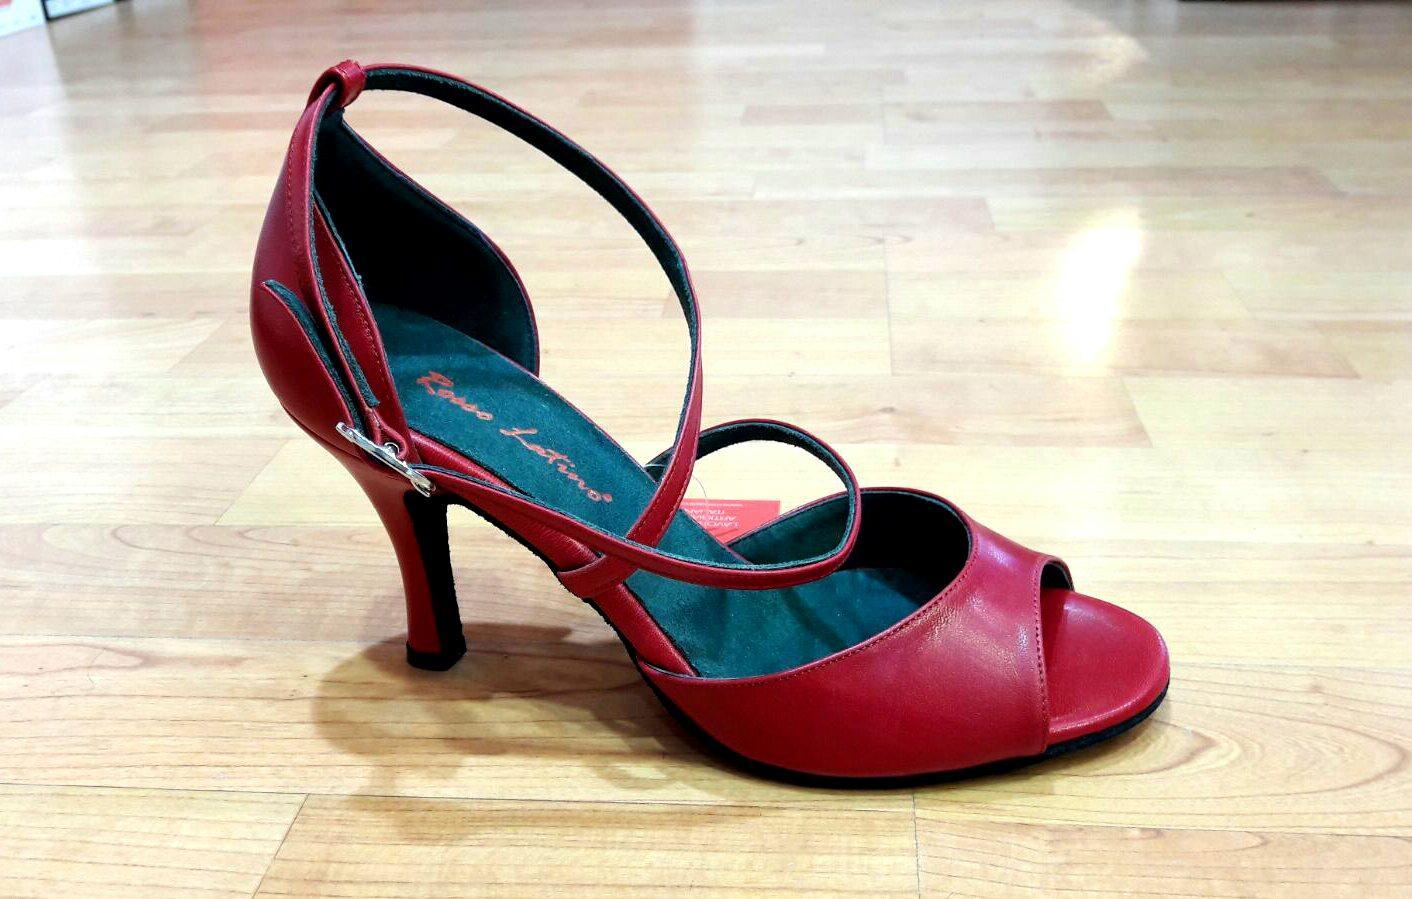 2019 professionista selezione migliore Los Angeles Scarpe da ballo Rosso latino rosse - FILOSOGNANDO